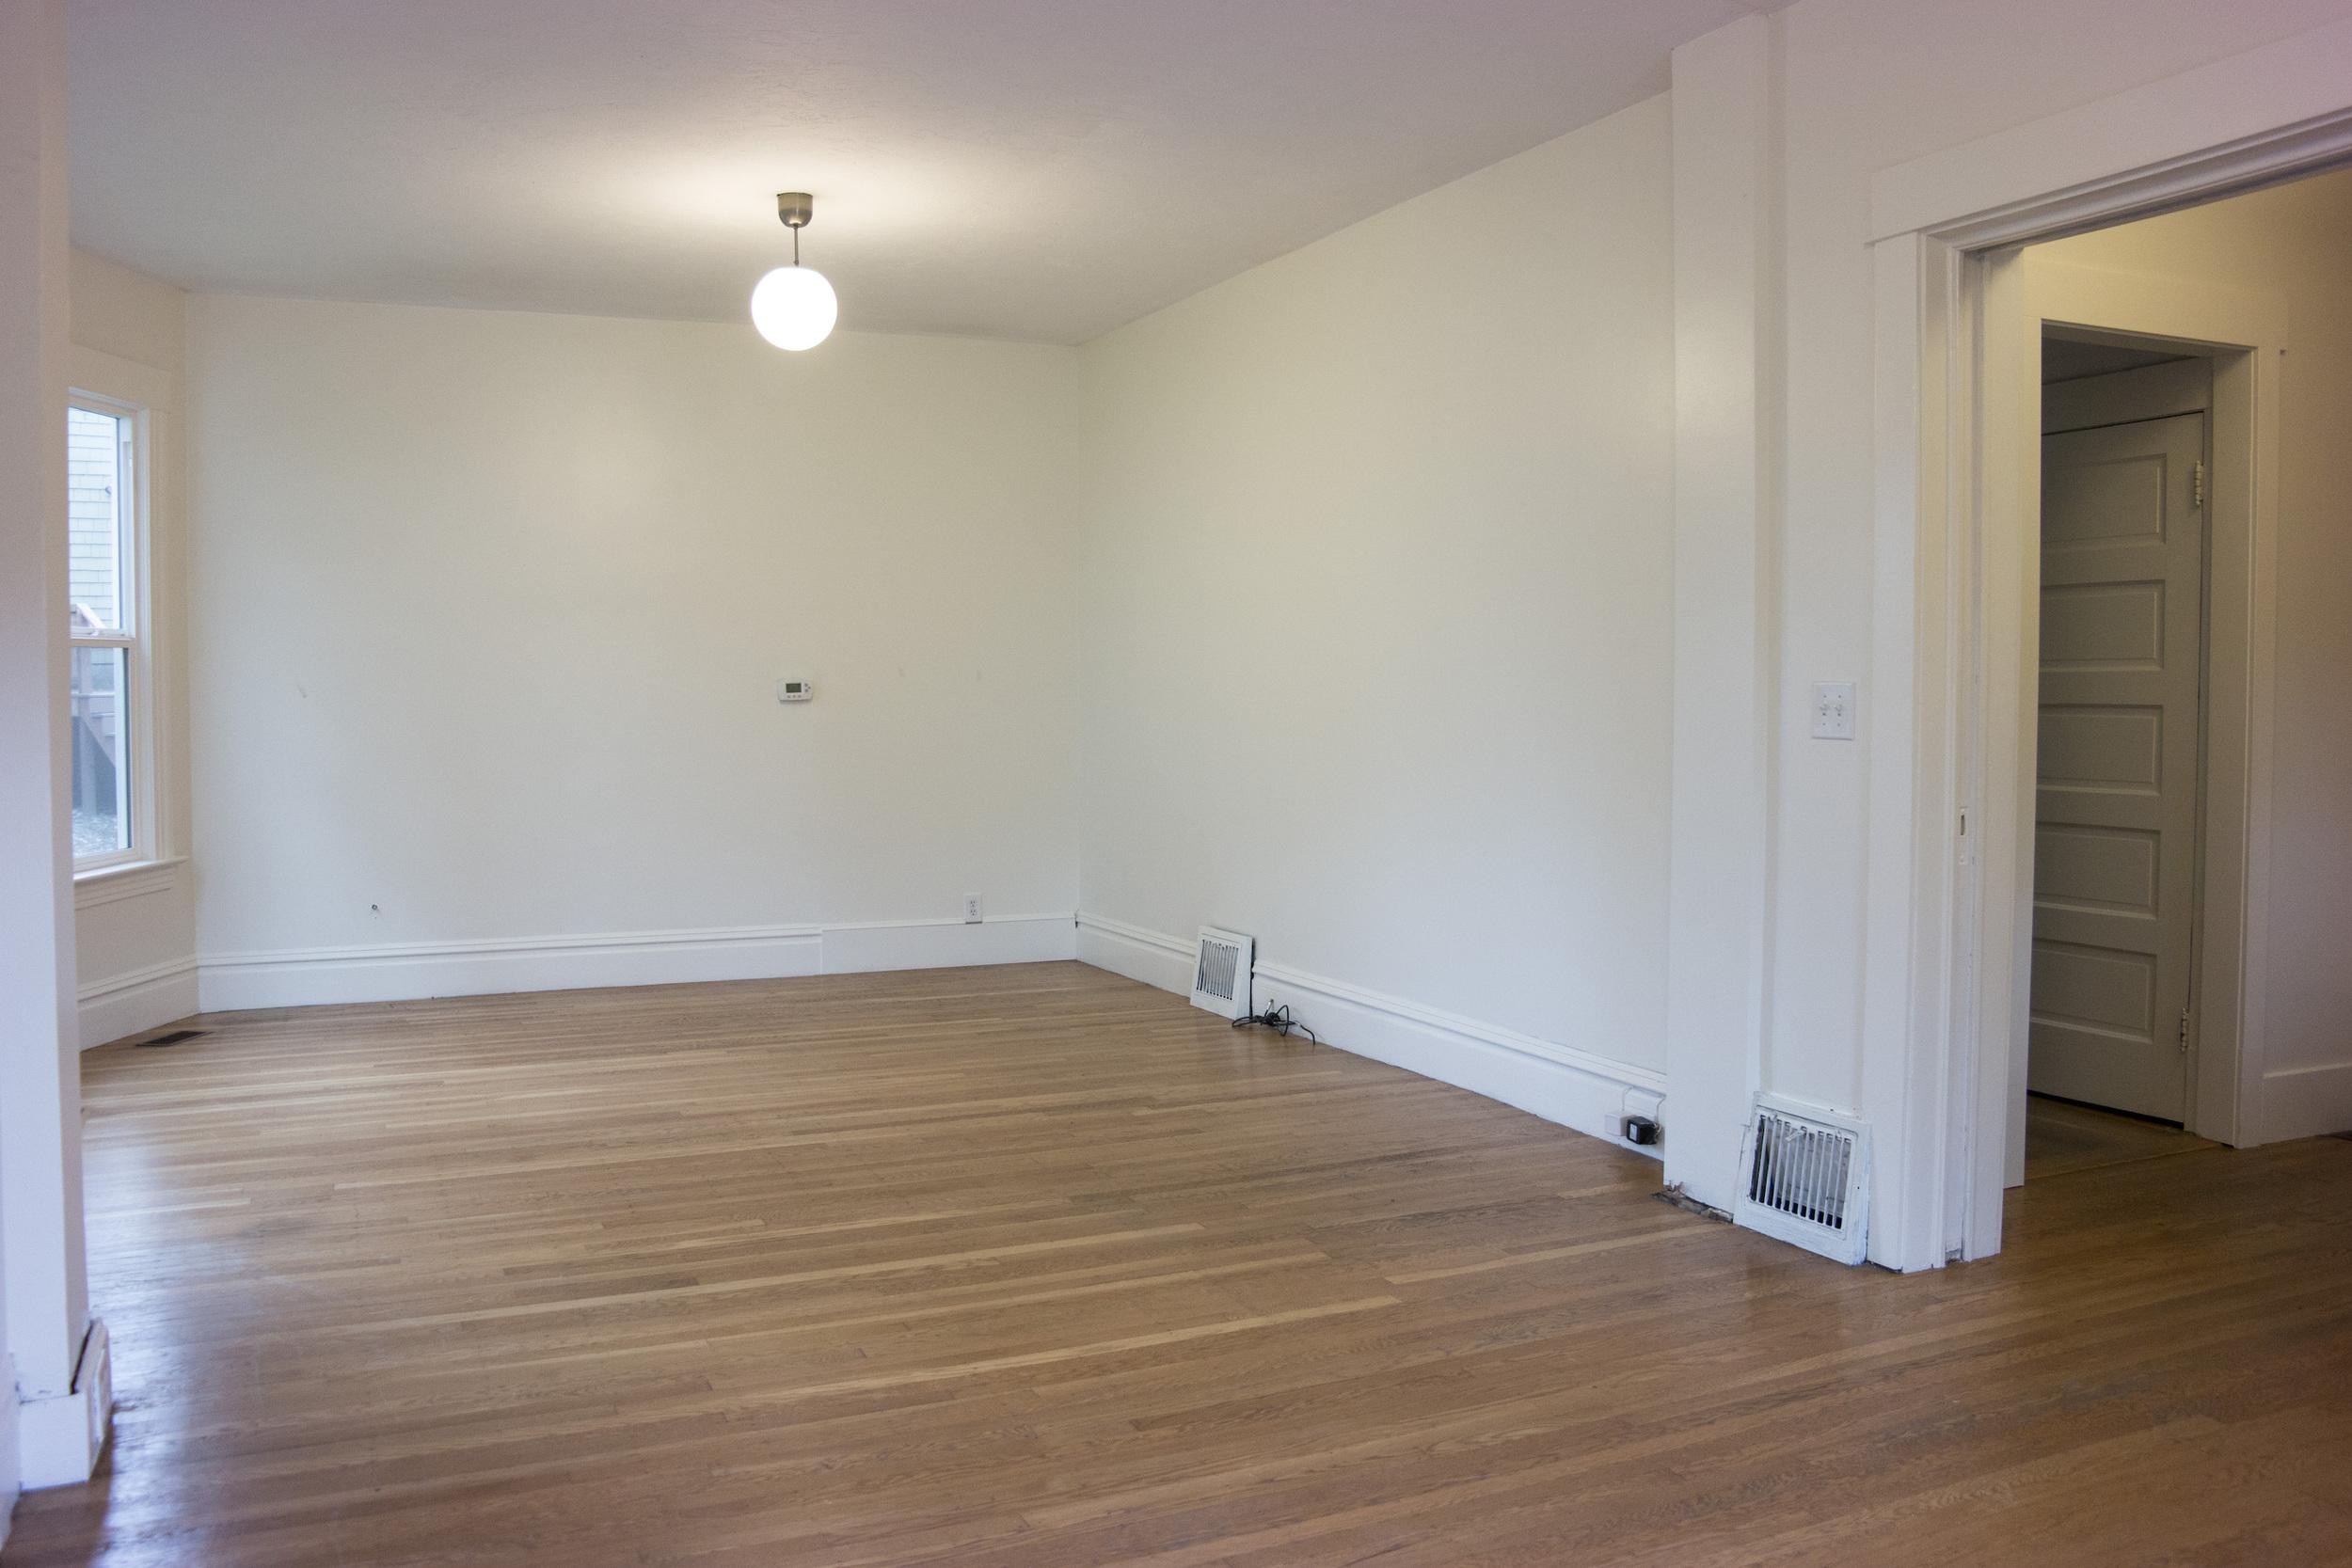 06-Livingroom5.jpg